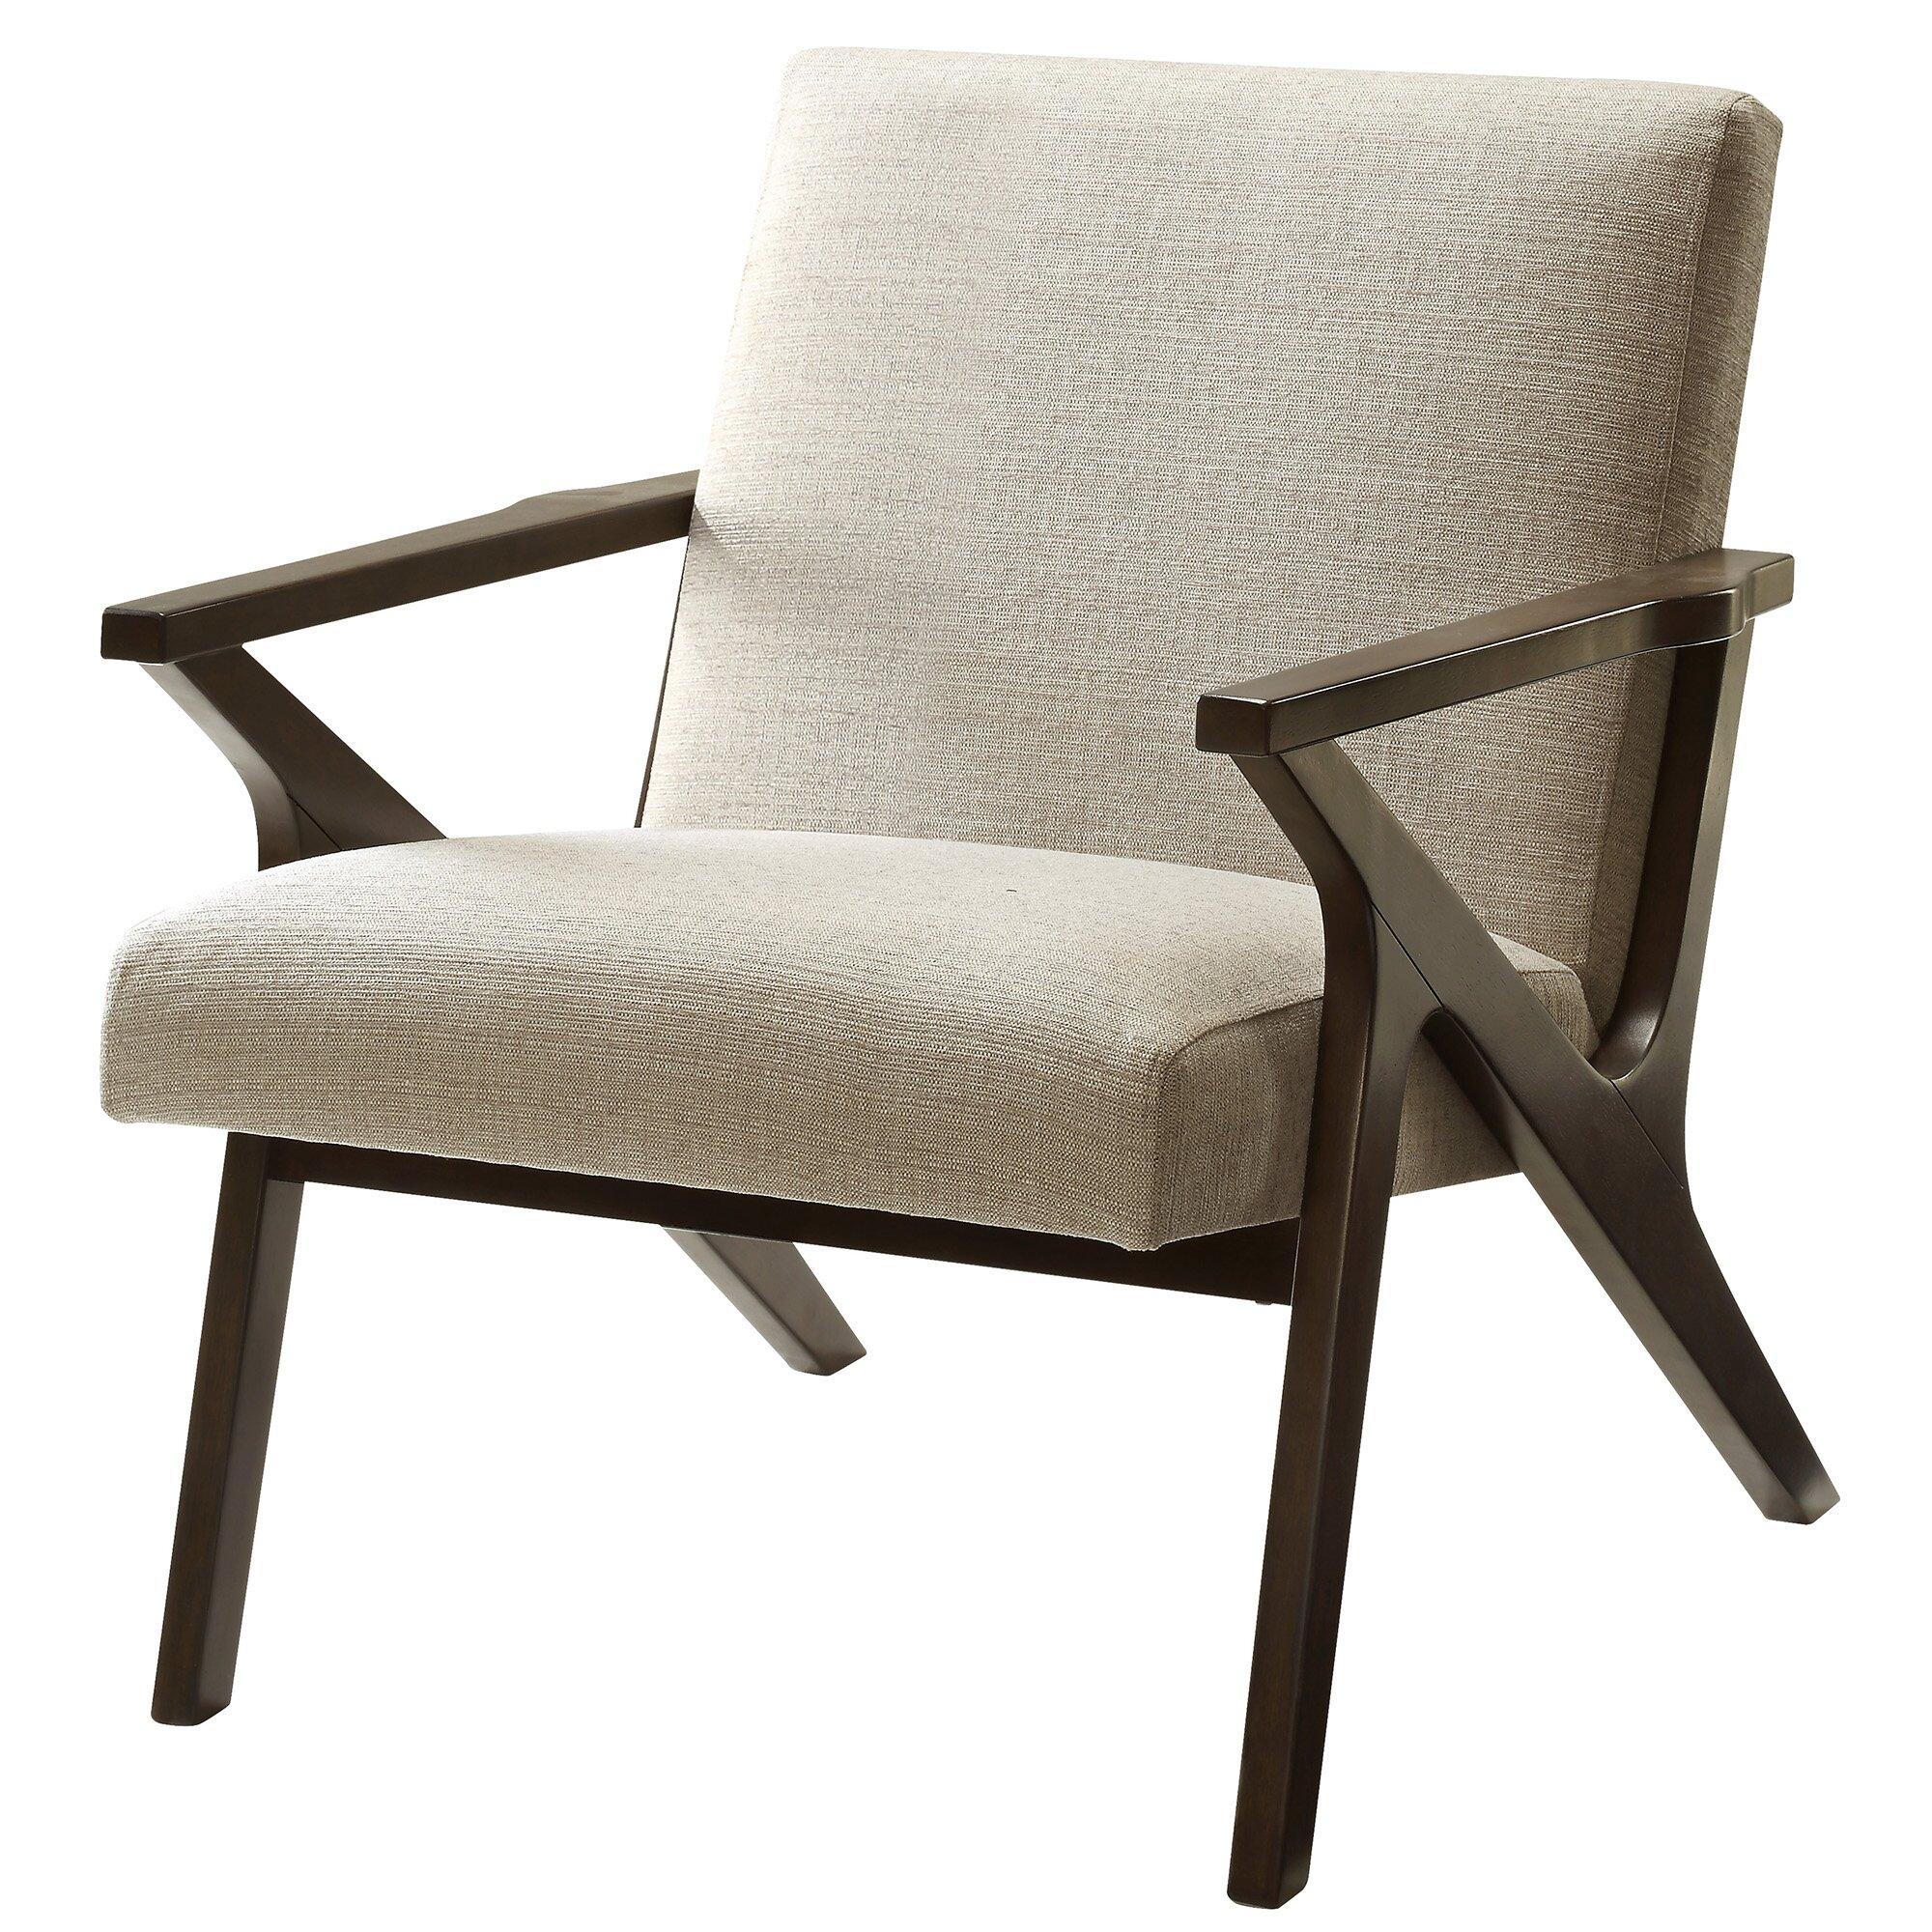 Cort Furniture Austin